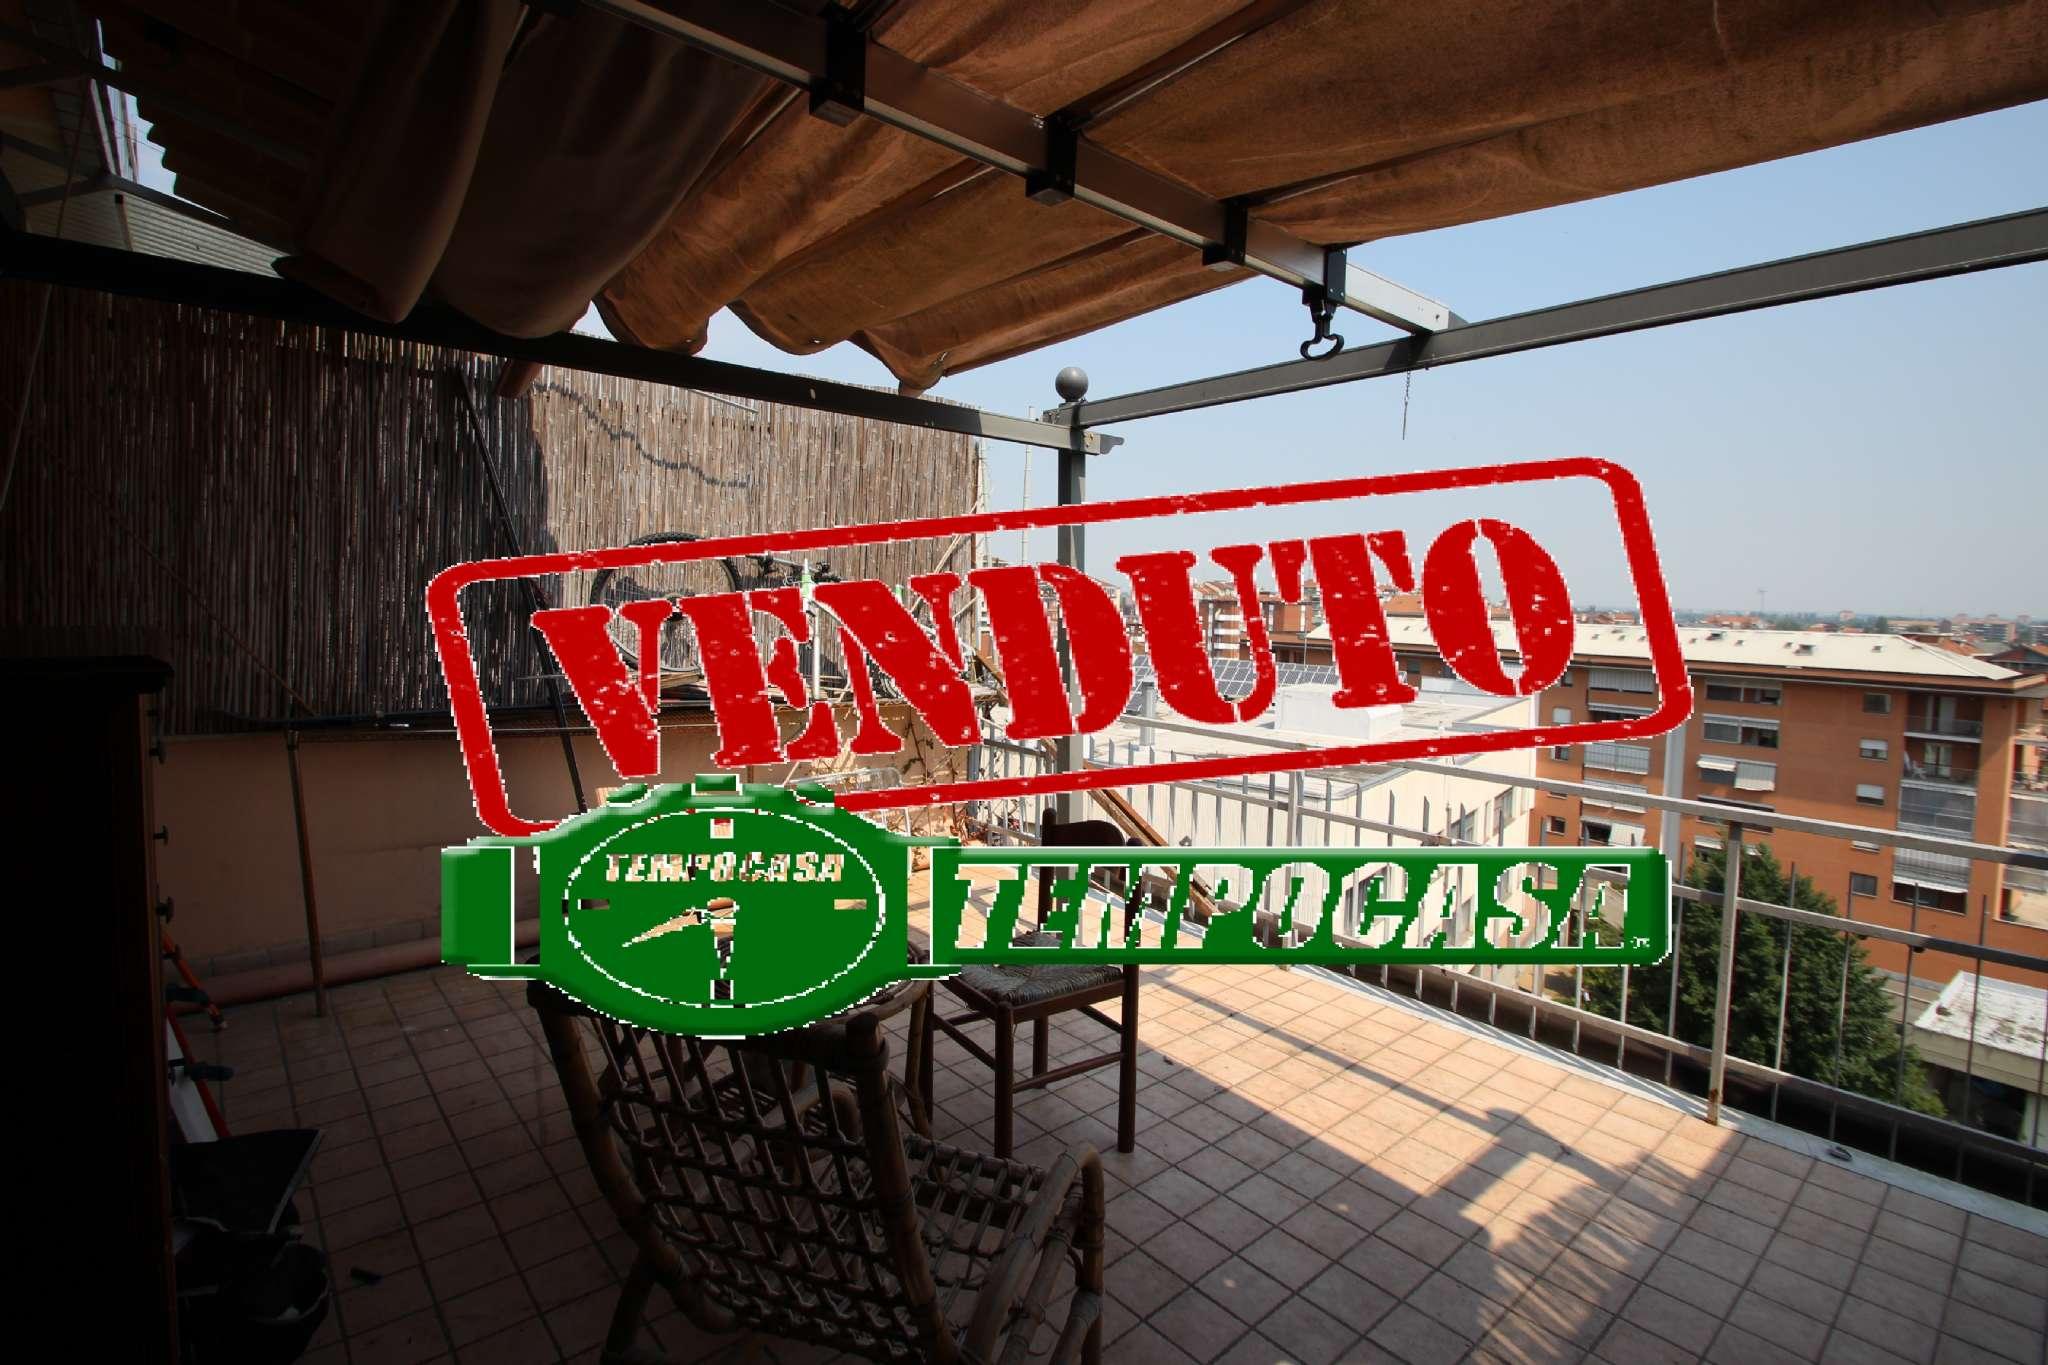 Attico / Mansarda in vendita a Torino, 2 locali, zona Zona: 12 . Barca-Bertolla, Falchera, Barriera Milano, Corso Regio Parco, Rebaudengo, prezzo € 39.000 | CambioCasa.it